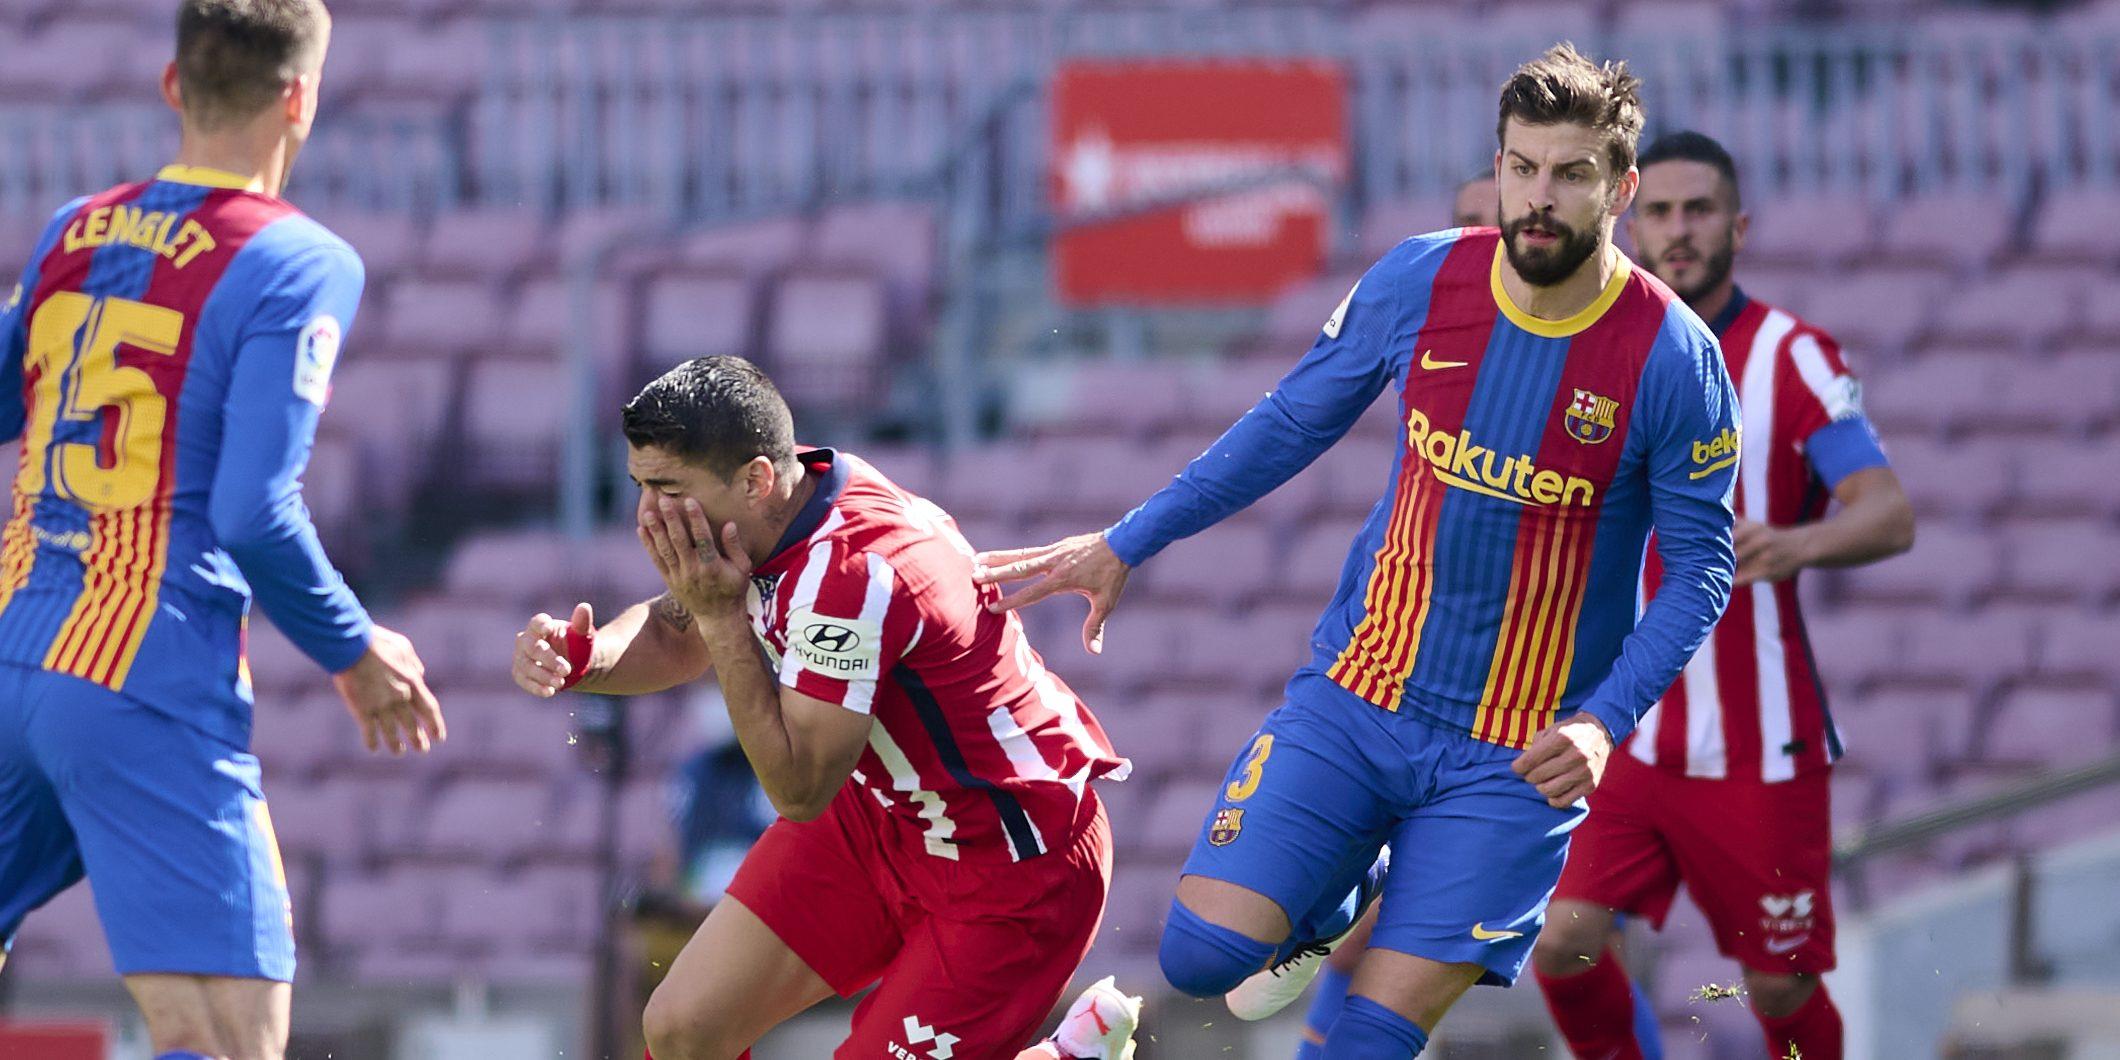 Gerard Piqué en el duel contra l'Atlètic de Madrid | Europa Press